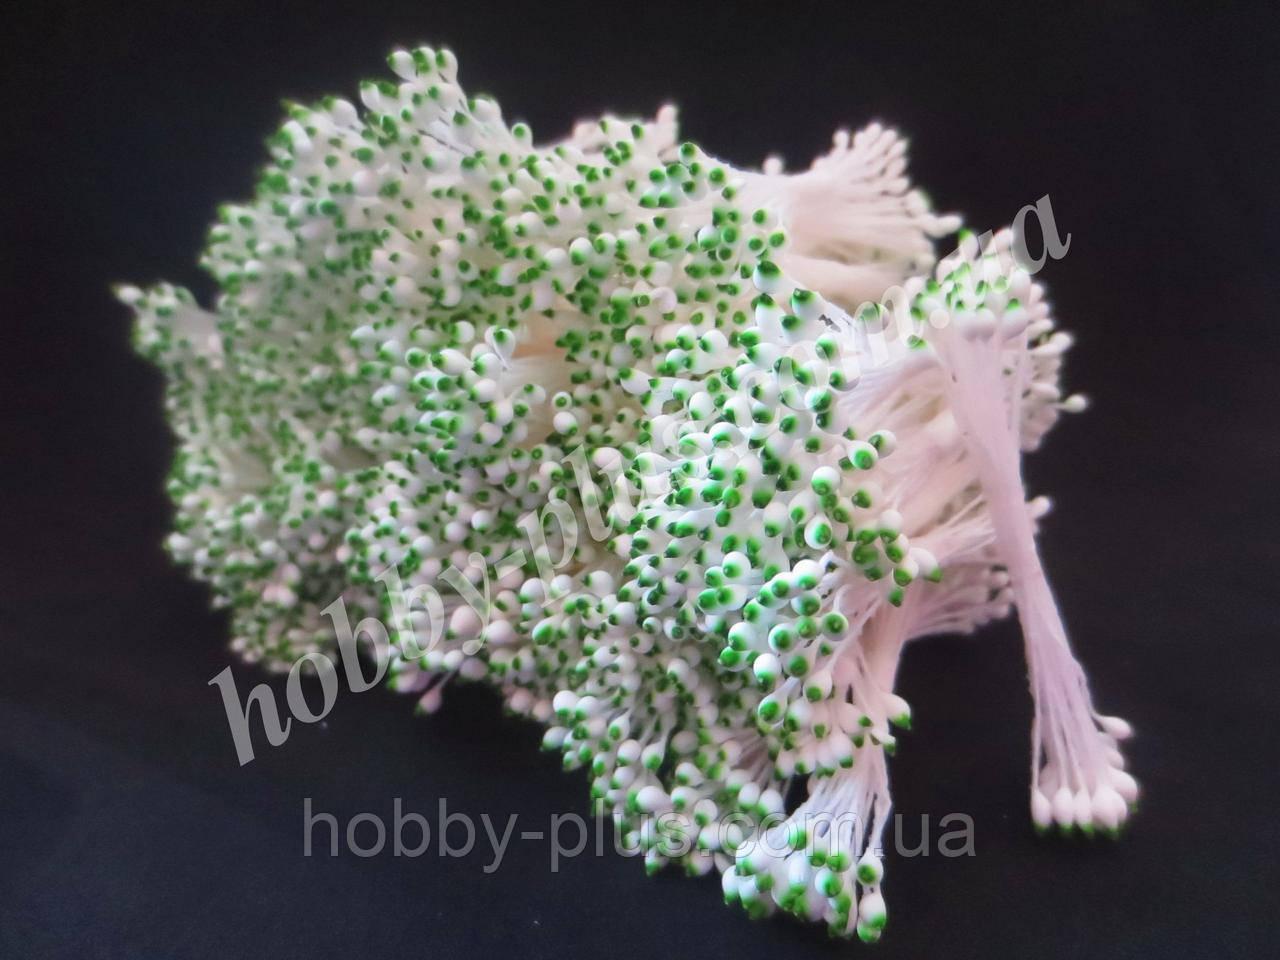 Тайские тычинки, БЕЛО-ЗЕЛЕНЫЕ, каплевидные на белой нити, 23-25 нитей, 50 головок